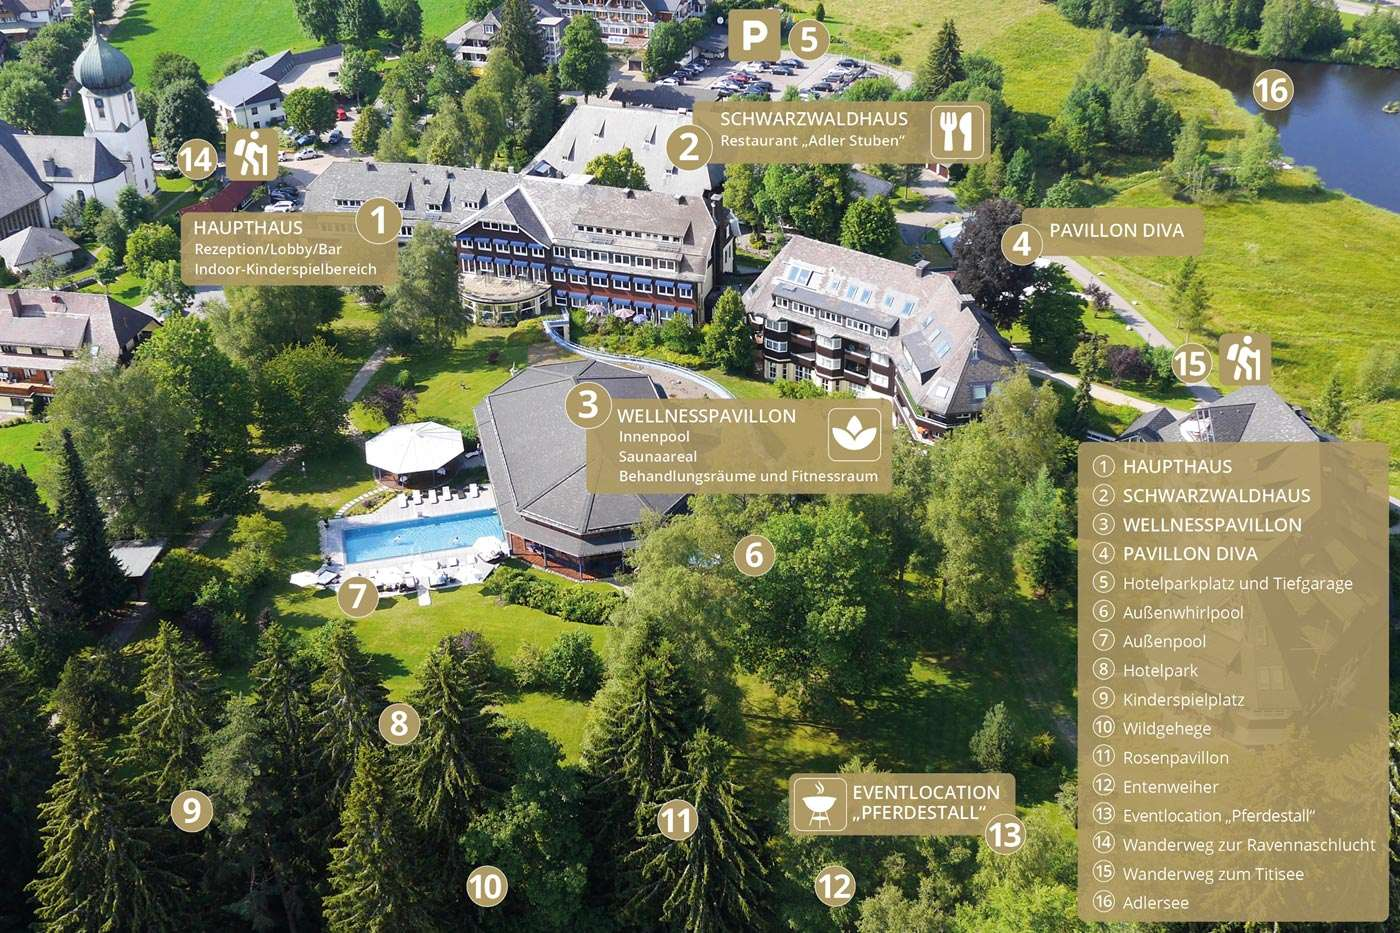 historisches 5 sterne hotel im schwarzwald am puls der natur parkhotel adler deutsch. Black Bedroom Furniture Sets. Home Design Ideas